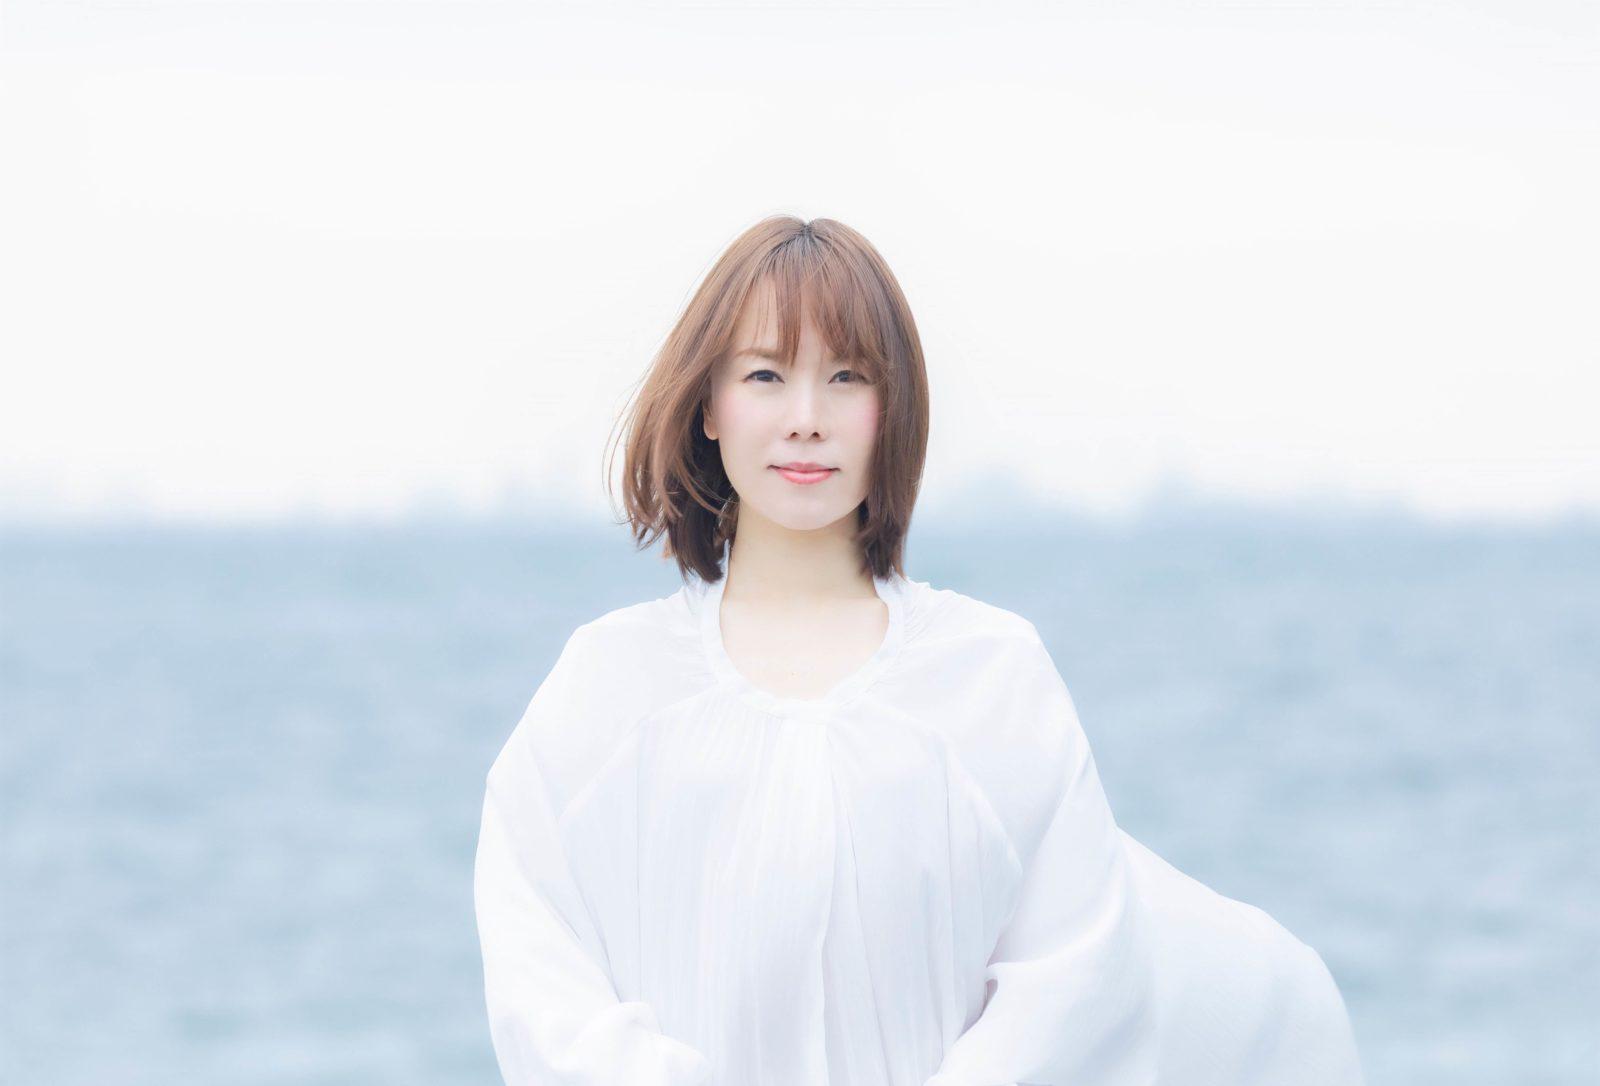 半崎美子、シングル「布石」収録曲&ジャケット公開サムネイル画像!